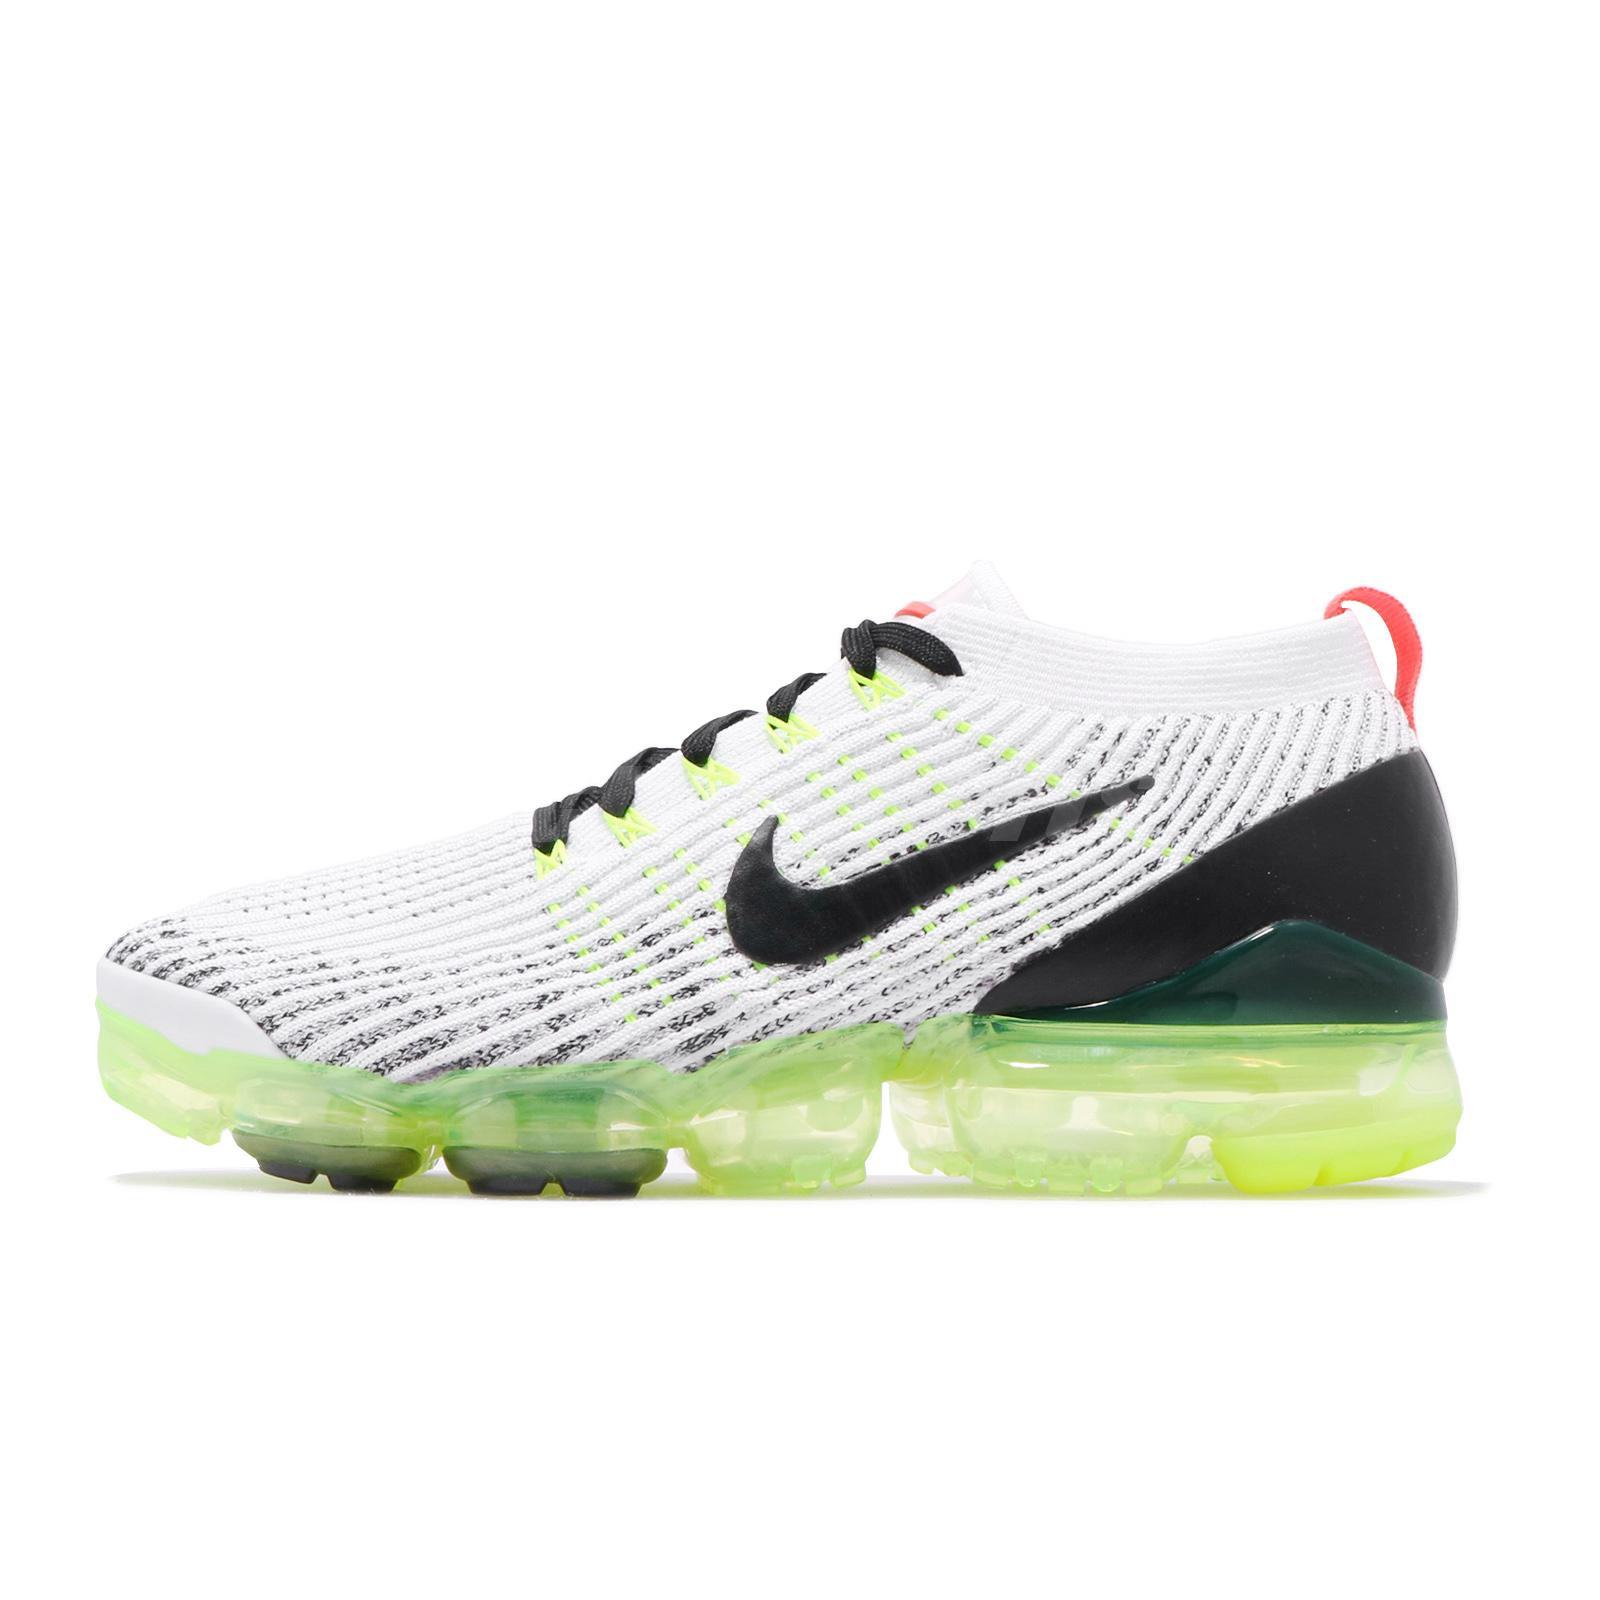 88d3826cb1 Nike Air Vapormax Flyknit 3 White Black Volt Men Running Shoe Sneaker AJ6900 -100